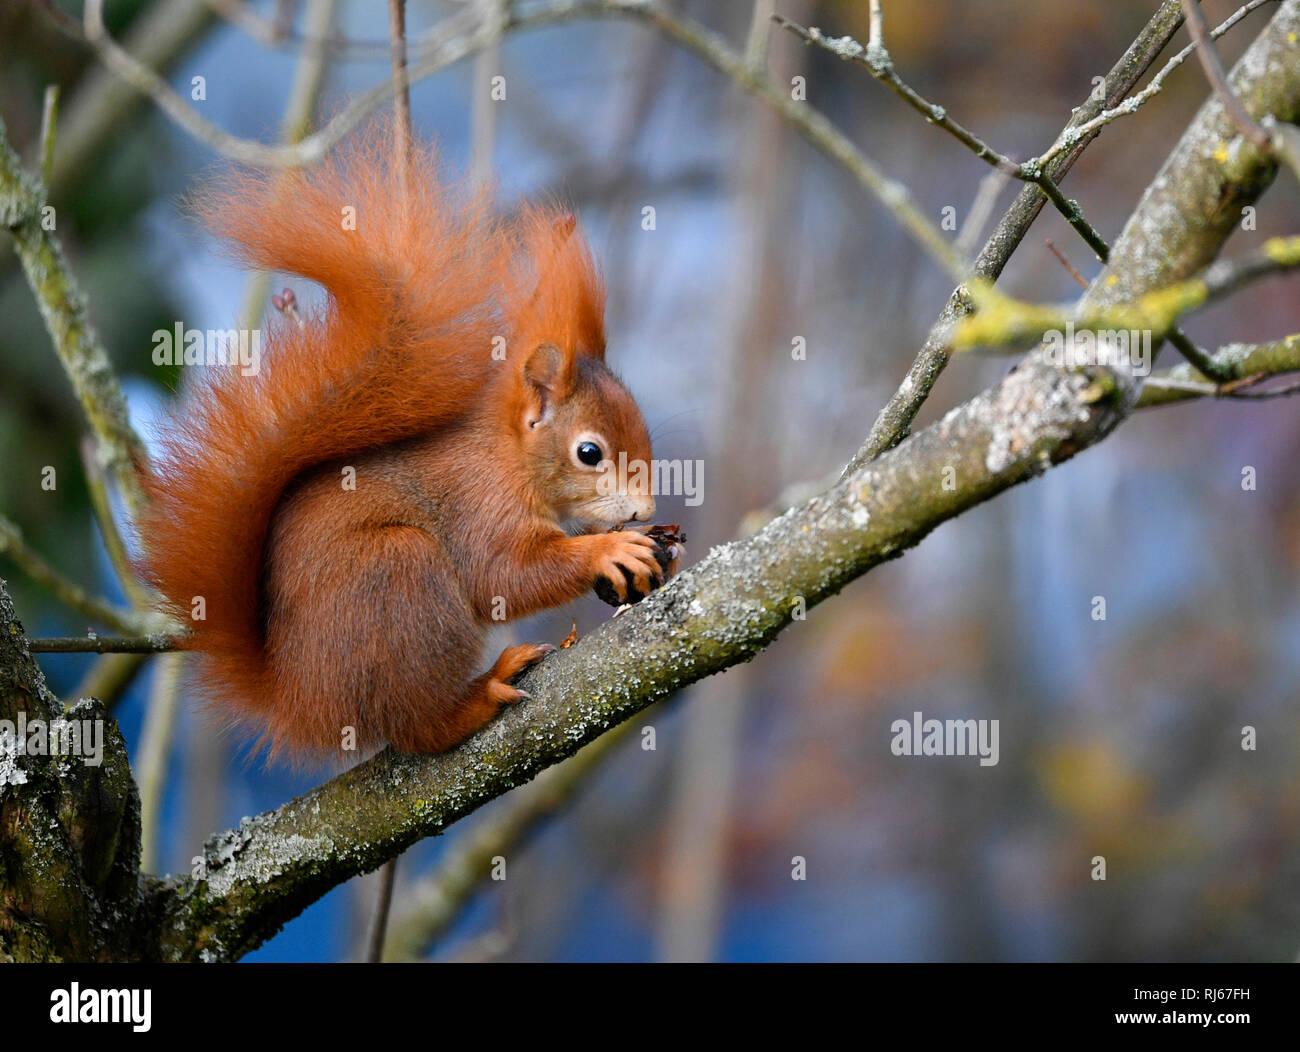 Eichhörnchen (Sciurus vulgaris), Stuttgart, Baden-Württemberg, Deutschland - Stock Image